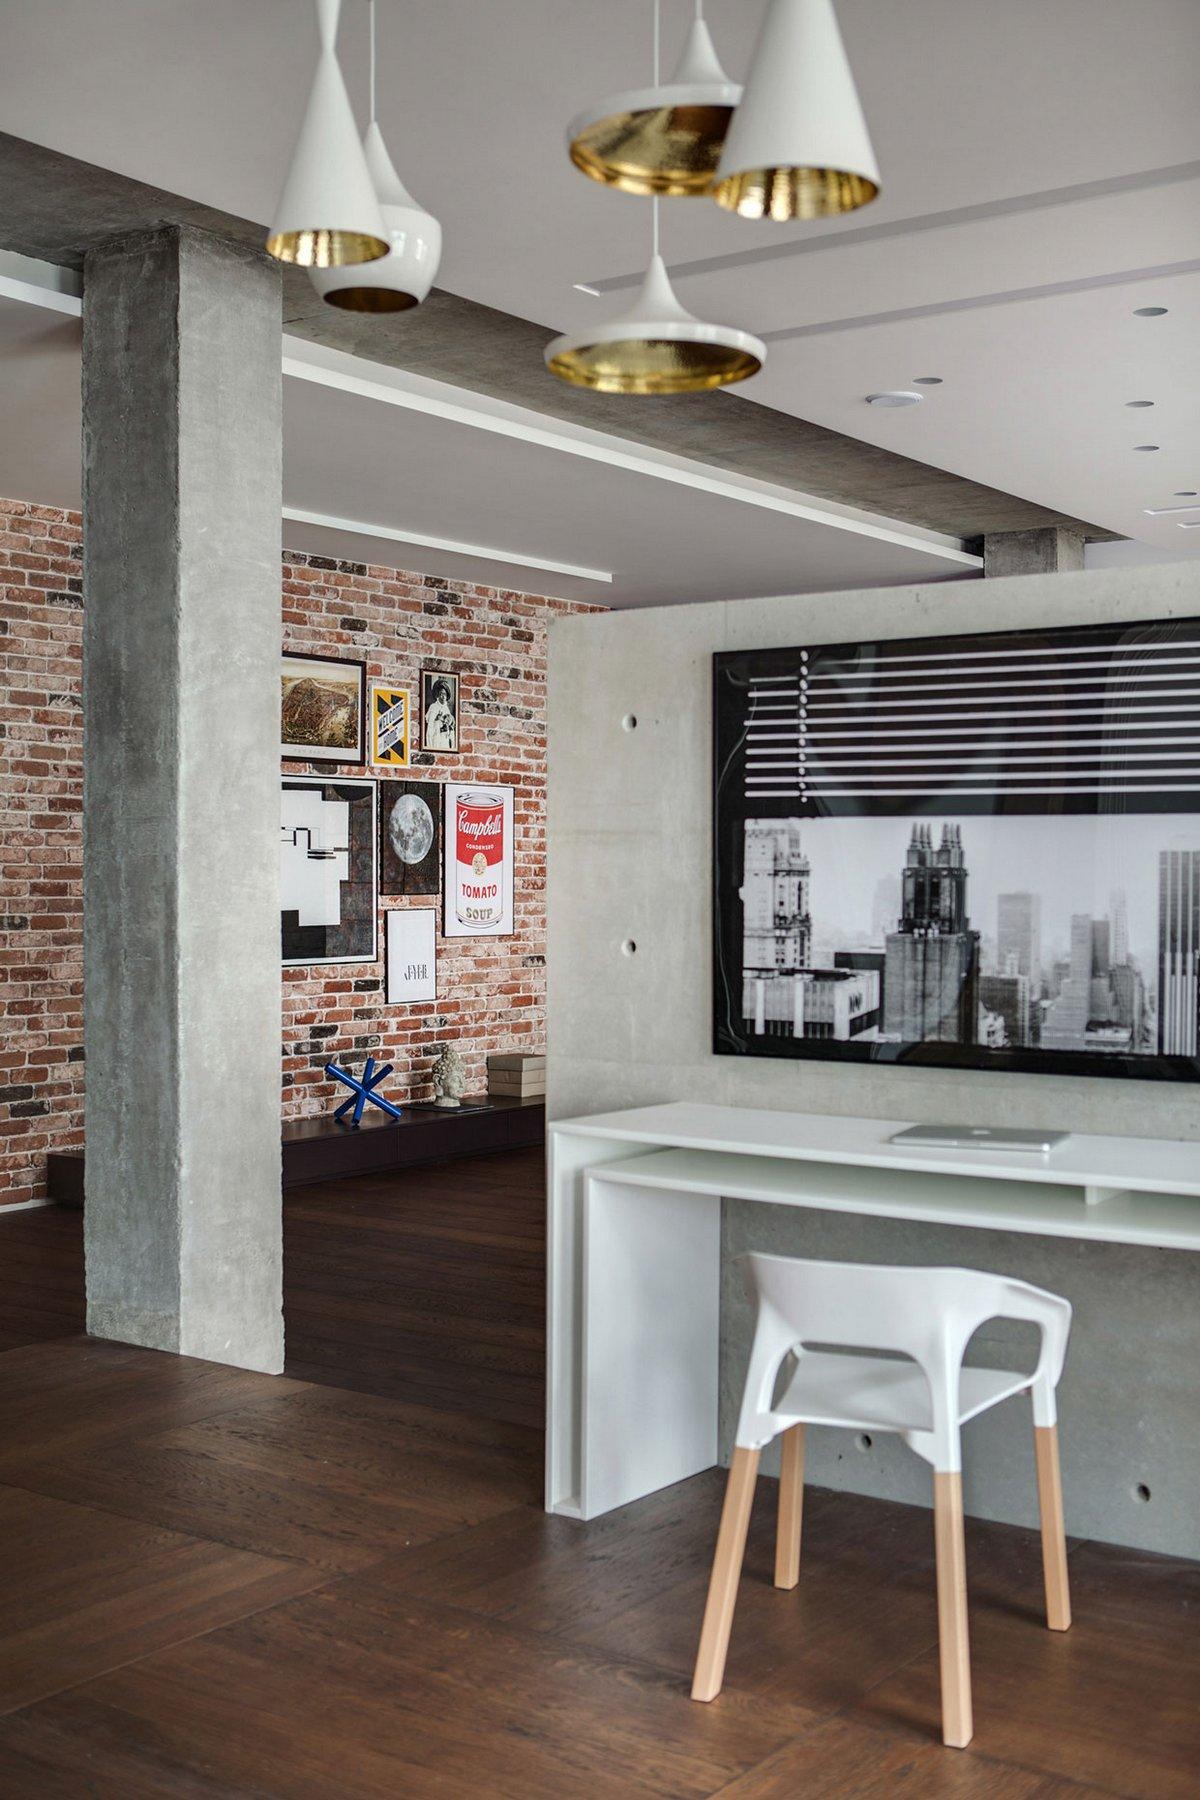 Oh!dessa, 2B Group, квартиры в Одессе, обзор элитной квартиры, роскошные квартиры фото, элитная недвижимость в Одессе, огромная квартира на Украине